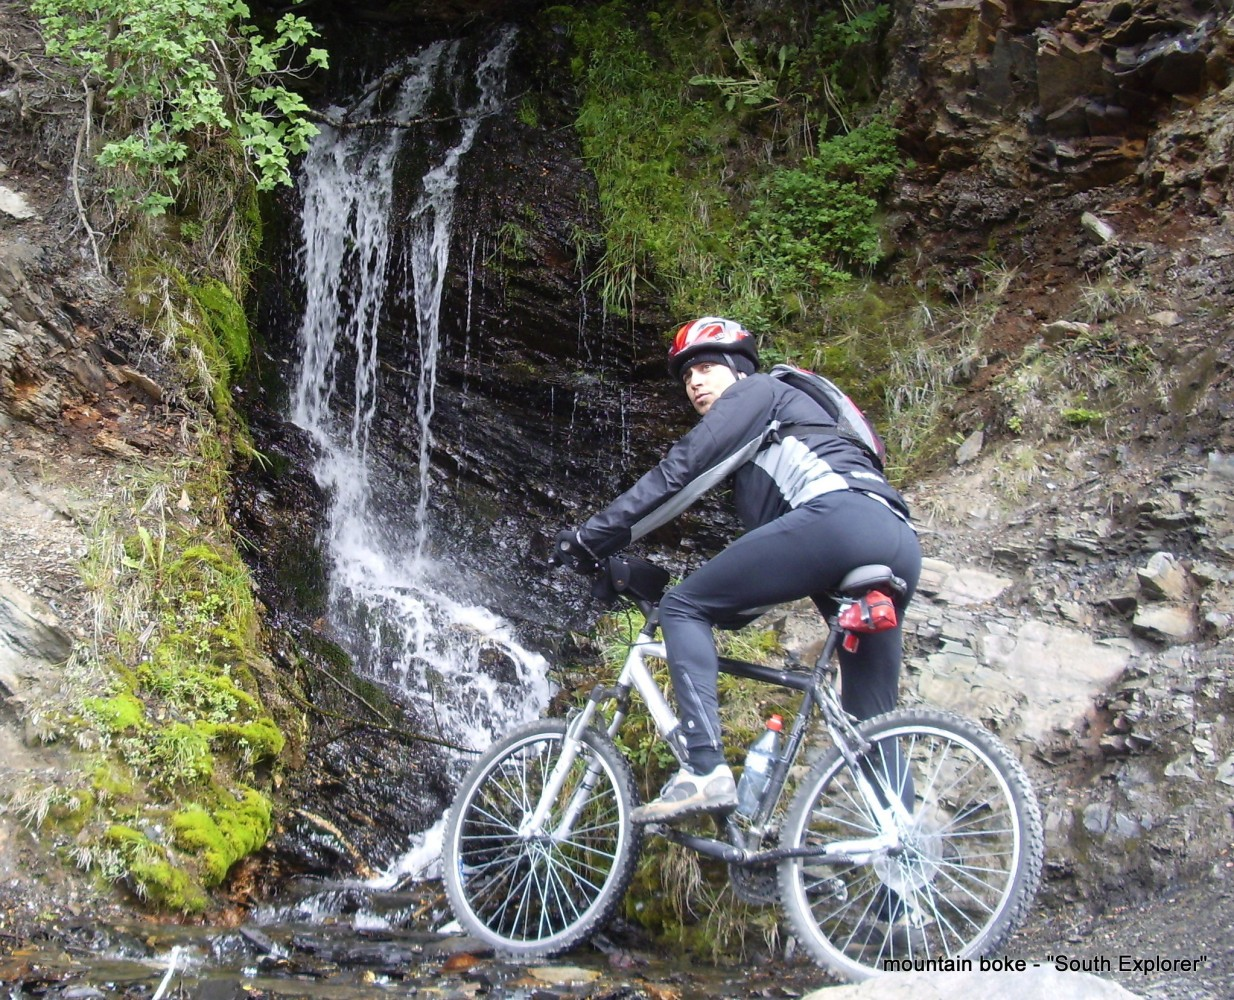 Hombre en bicicleta, mirando a cámara con una cascada detrás, paisajes que se ven en Tierra del Fuego en verano.